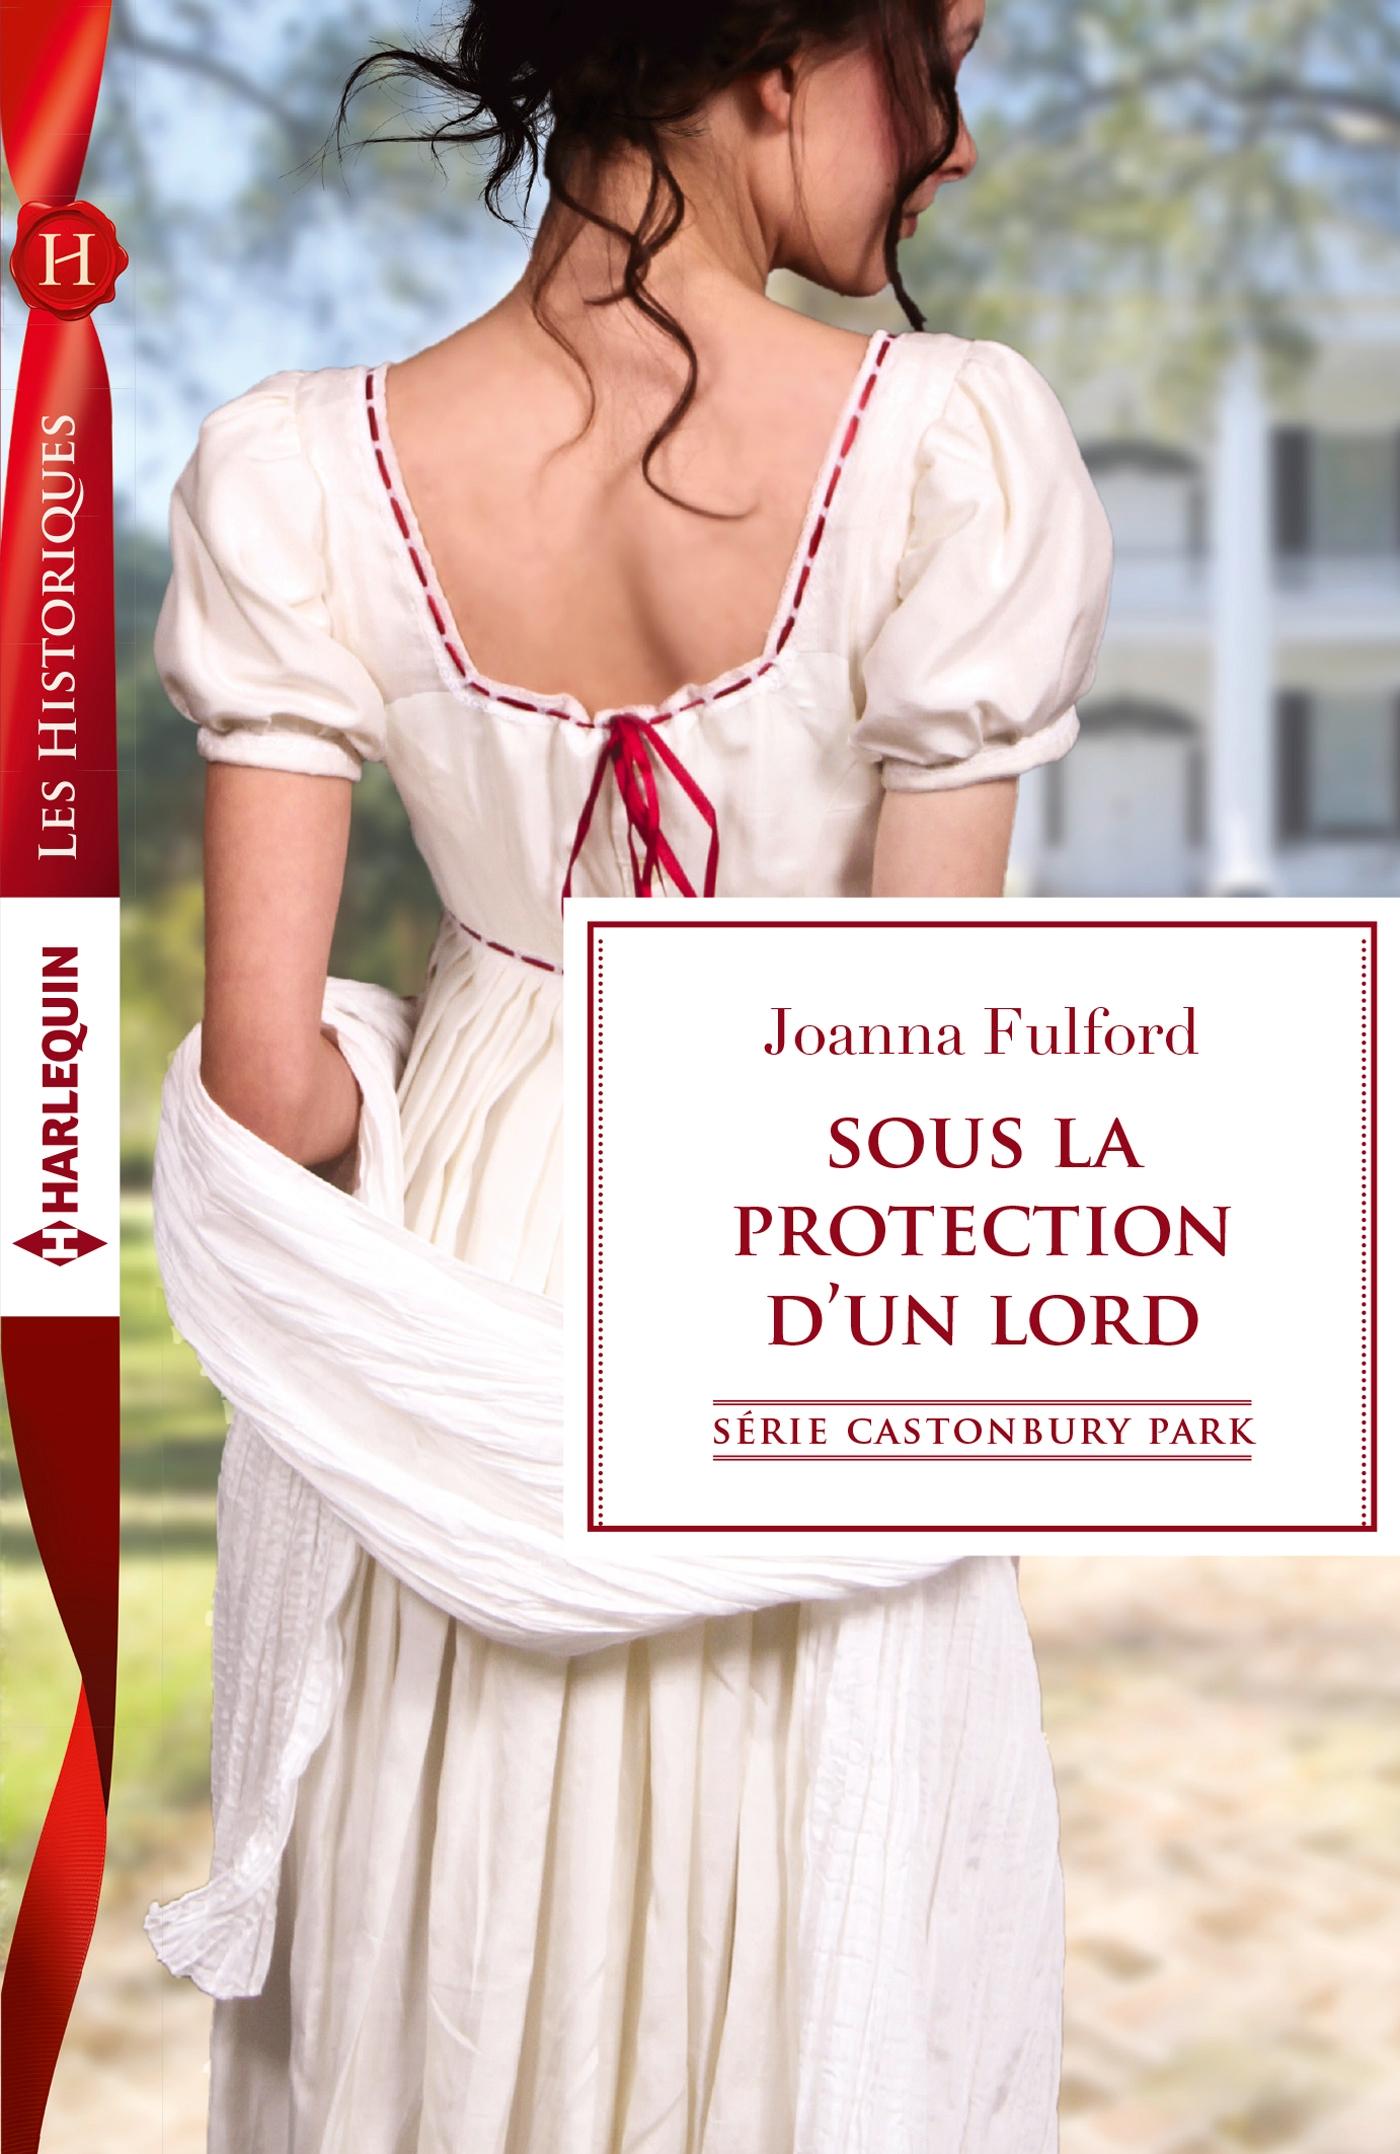 Castonbury Park Tome 7 : Sous la protection d'un lord 9782280330916